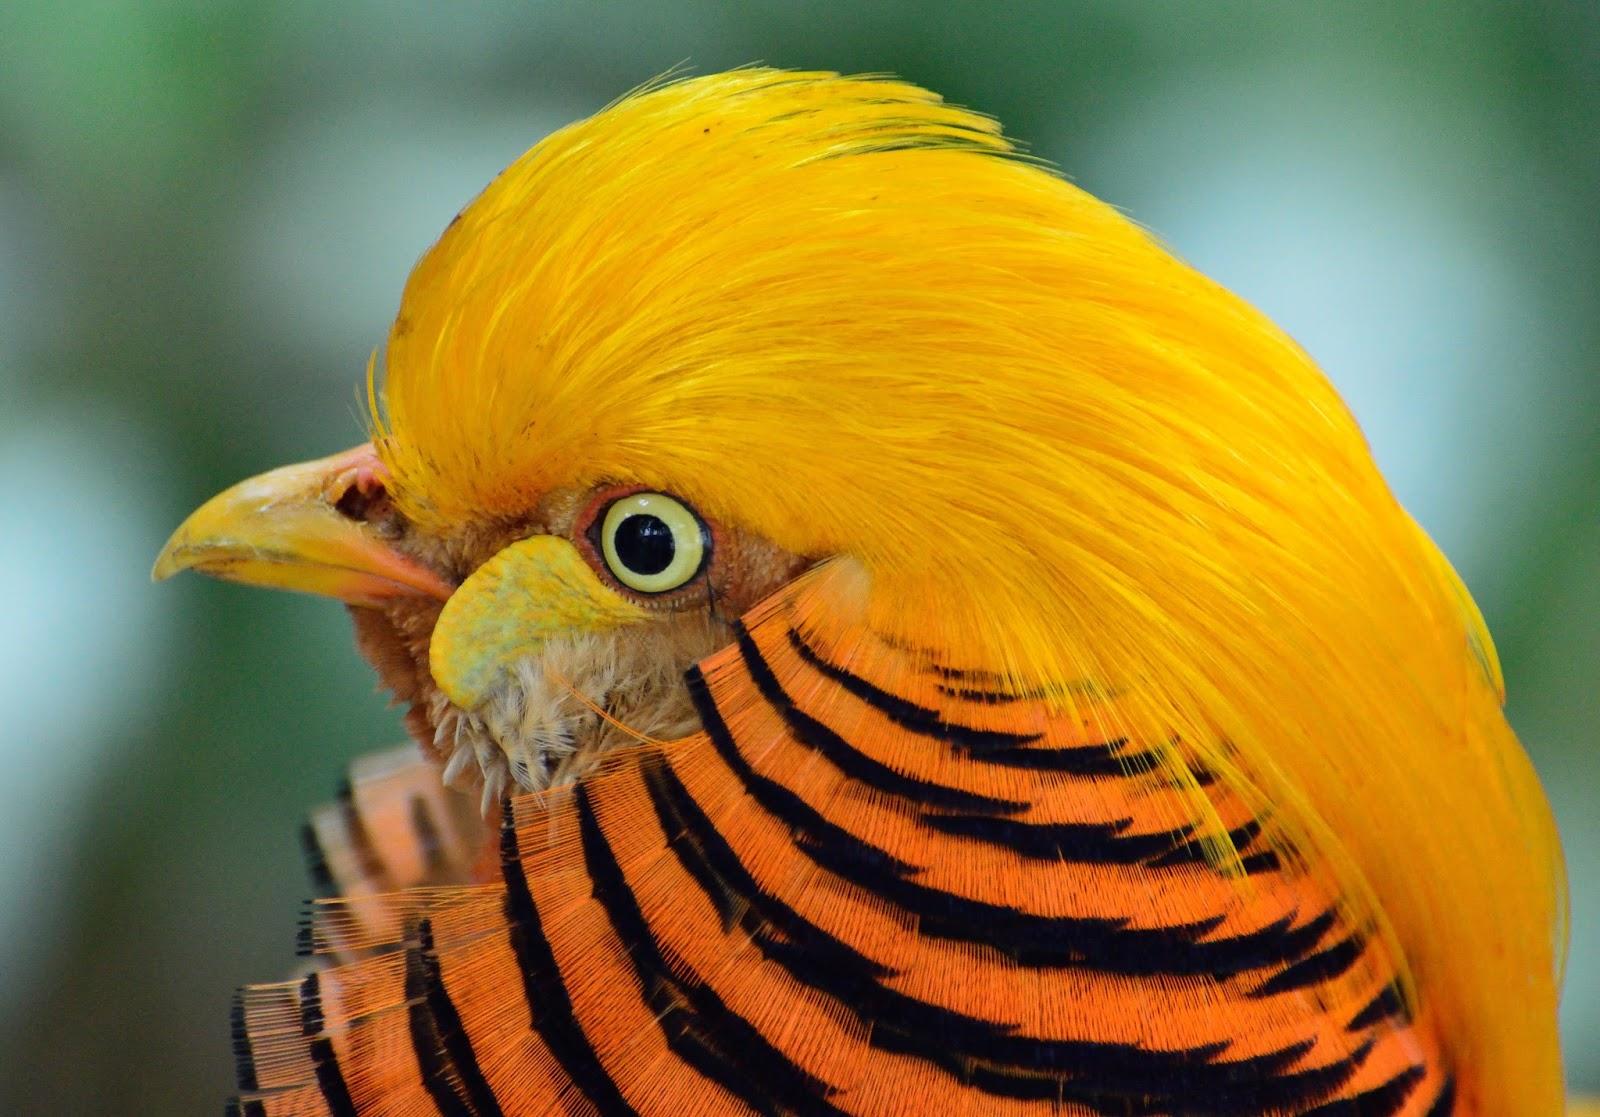 بالصور اجمل الطيور في العالم , تعرف علي اجمل واروع اشكال الطيور 3467 2